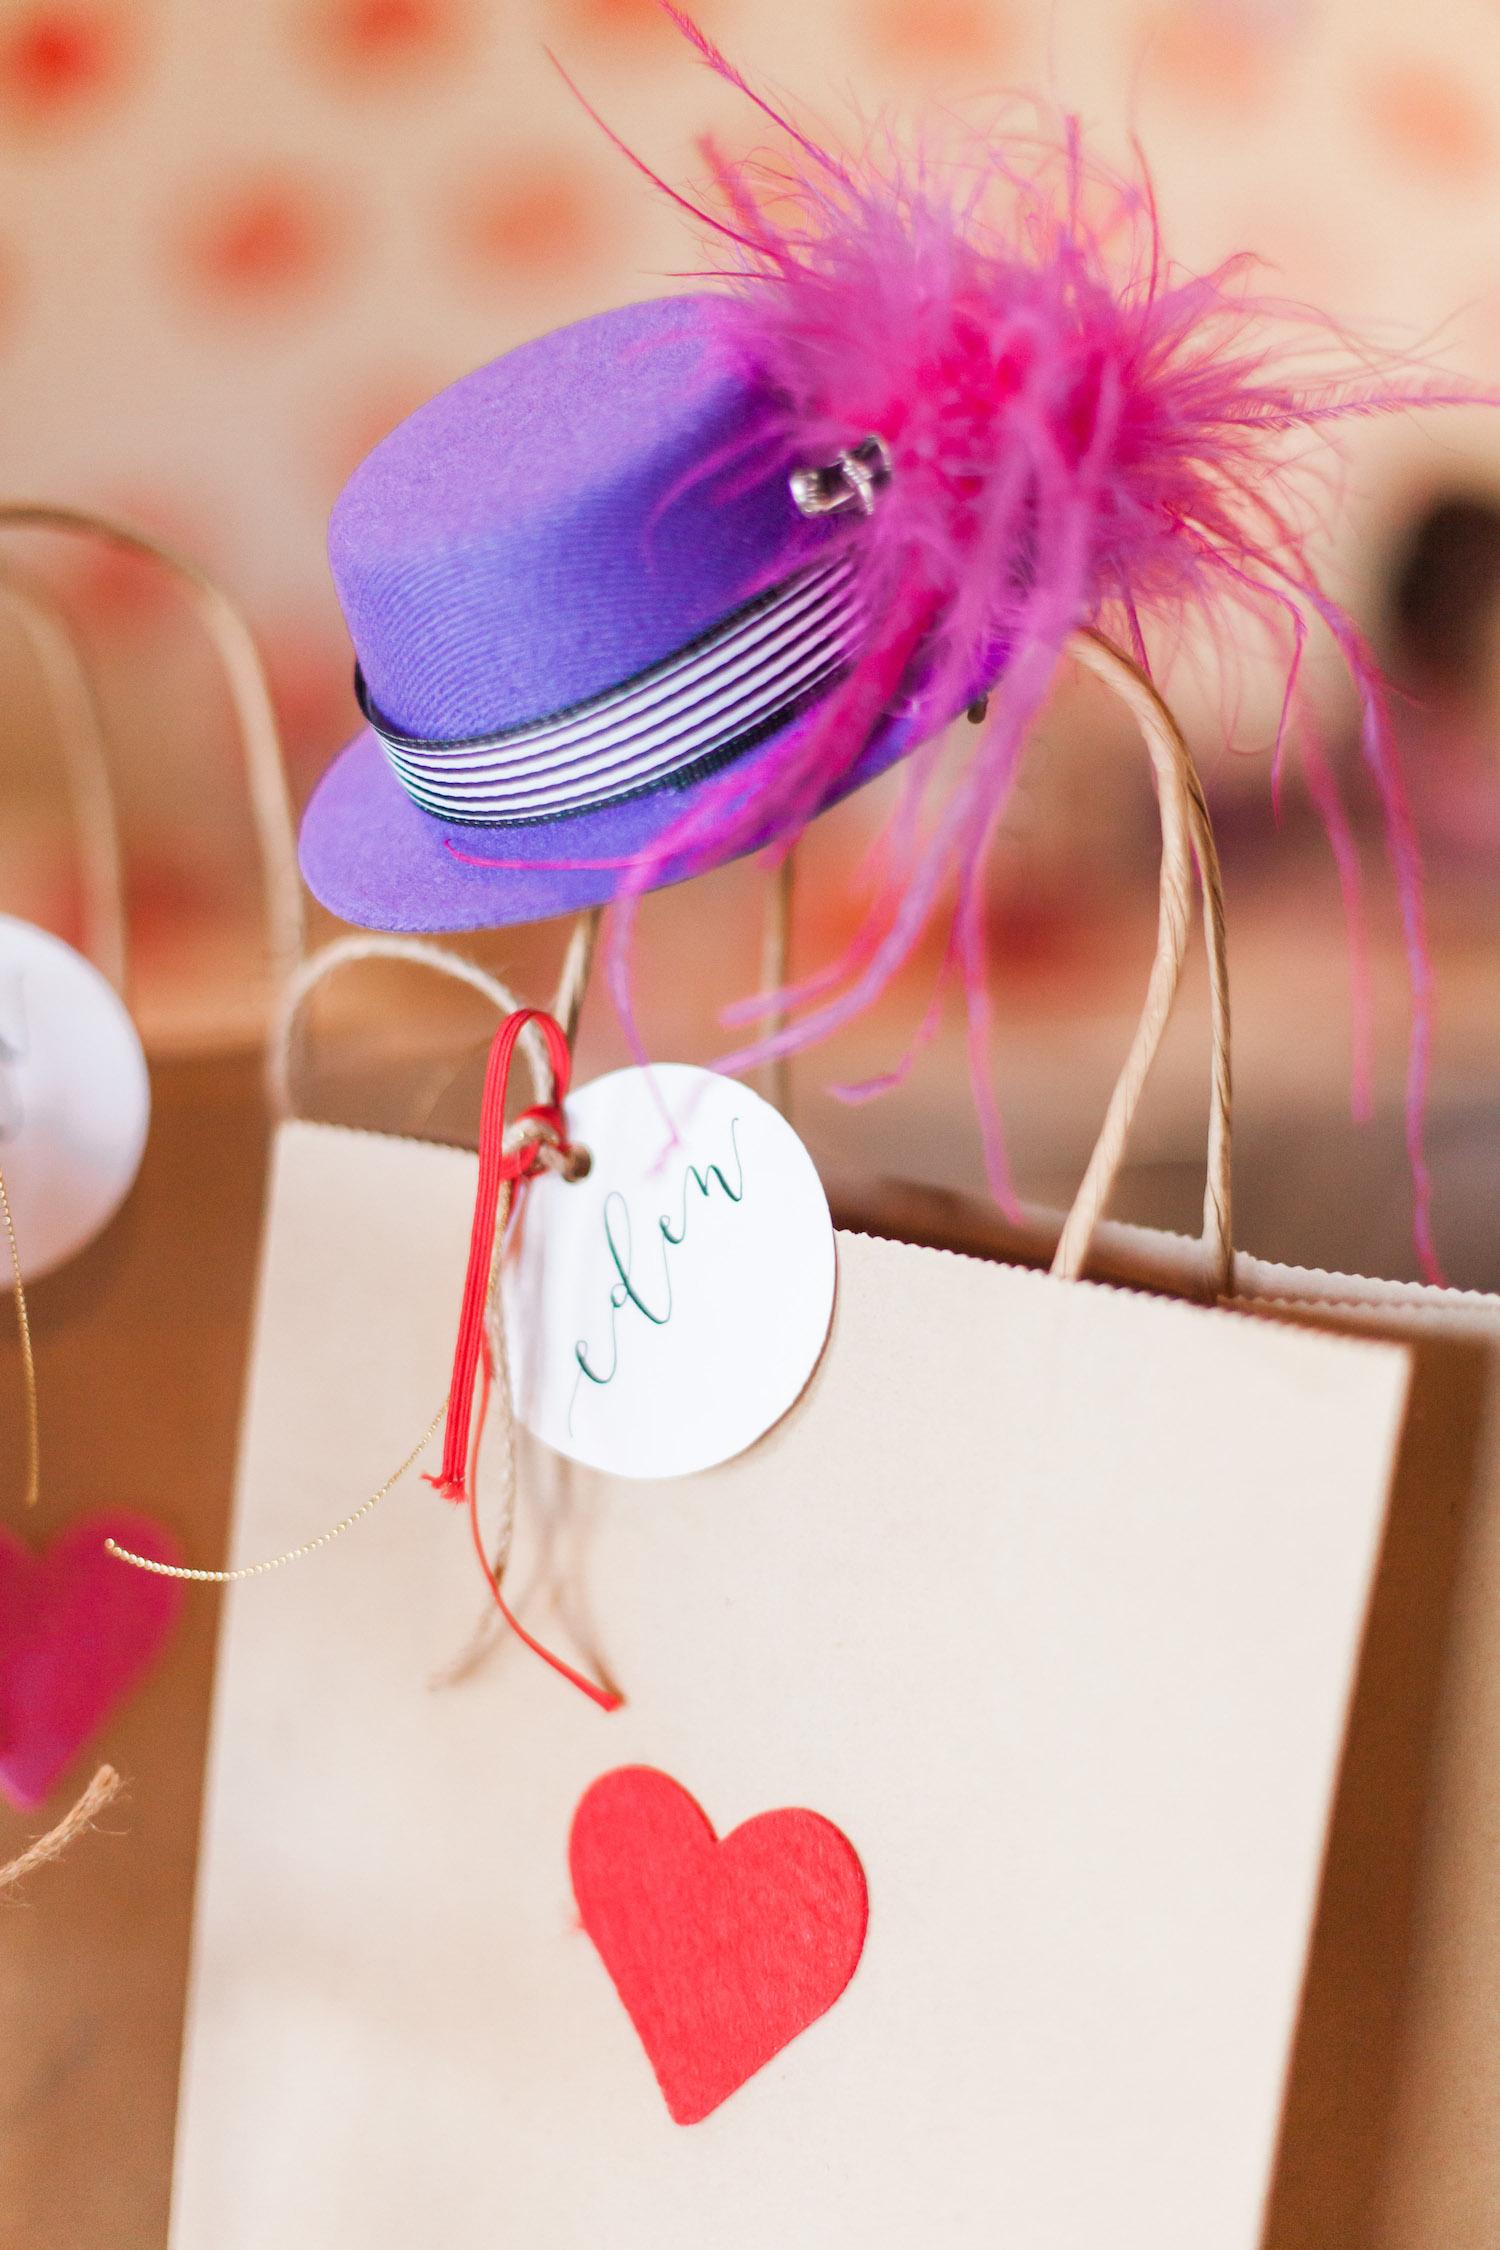 art-craft-valentines-day-party-Connie-Meinhardt-Photography-bab-purple-hat.jpg